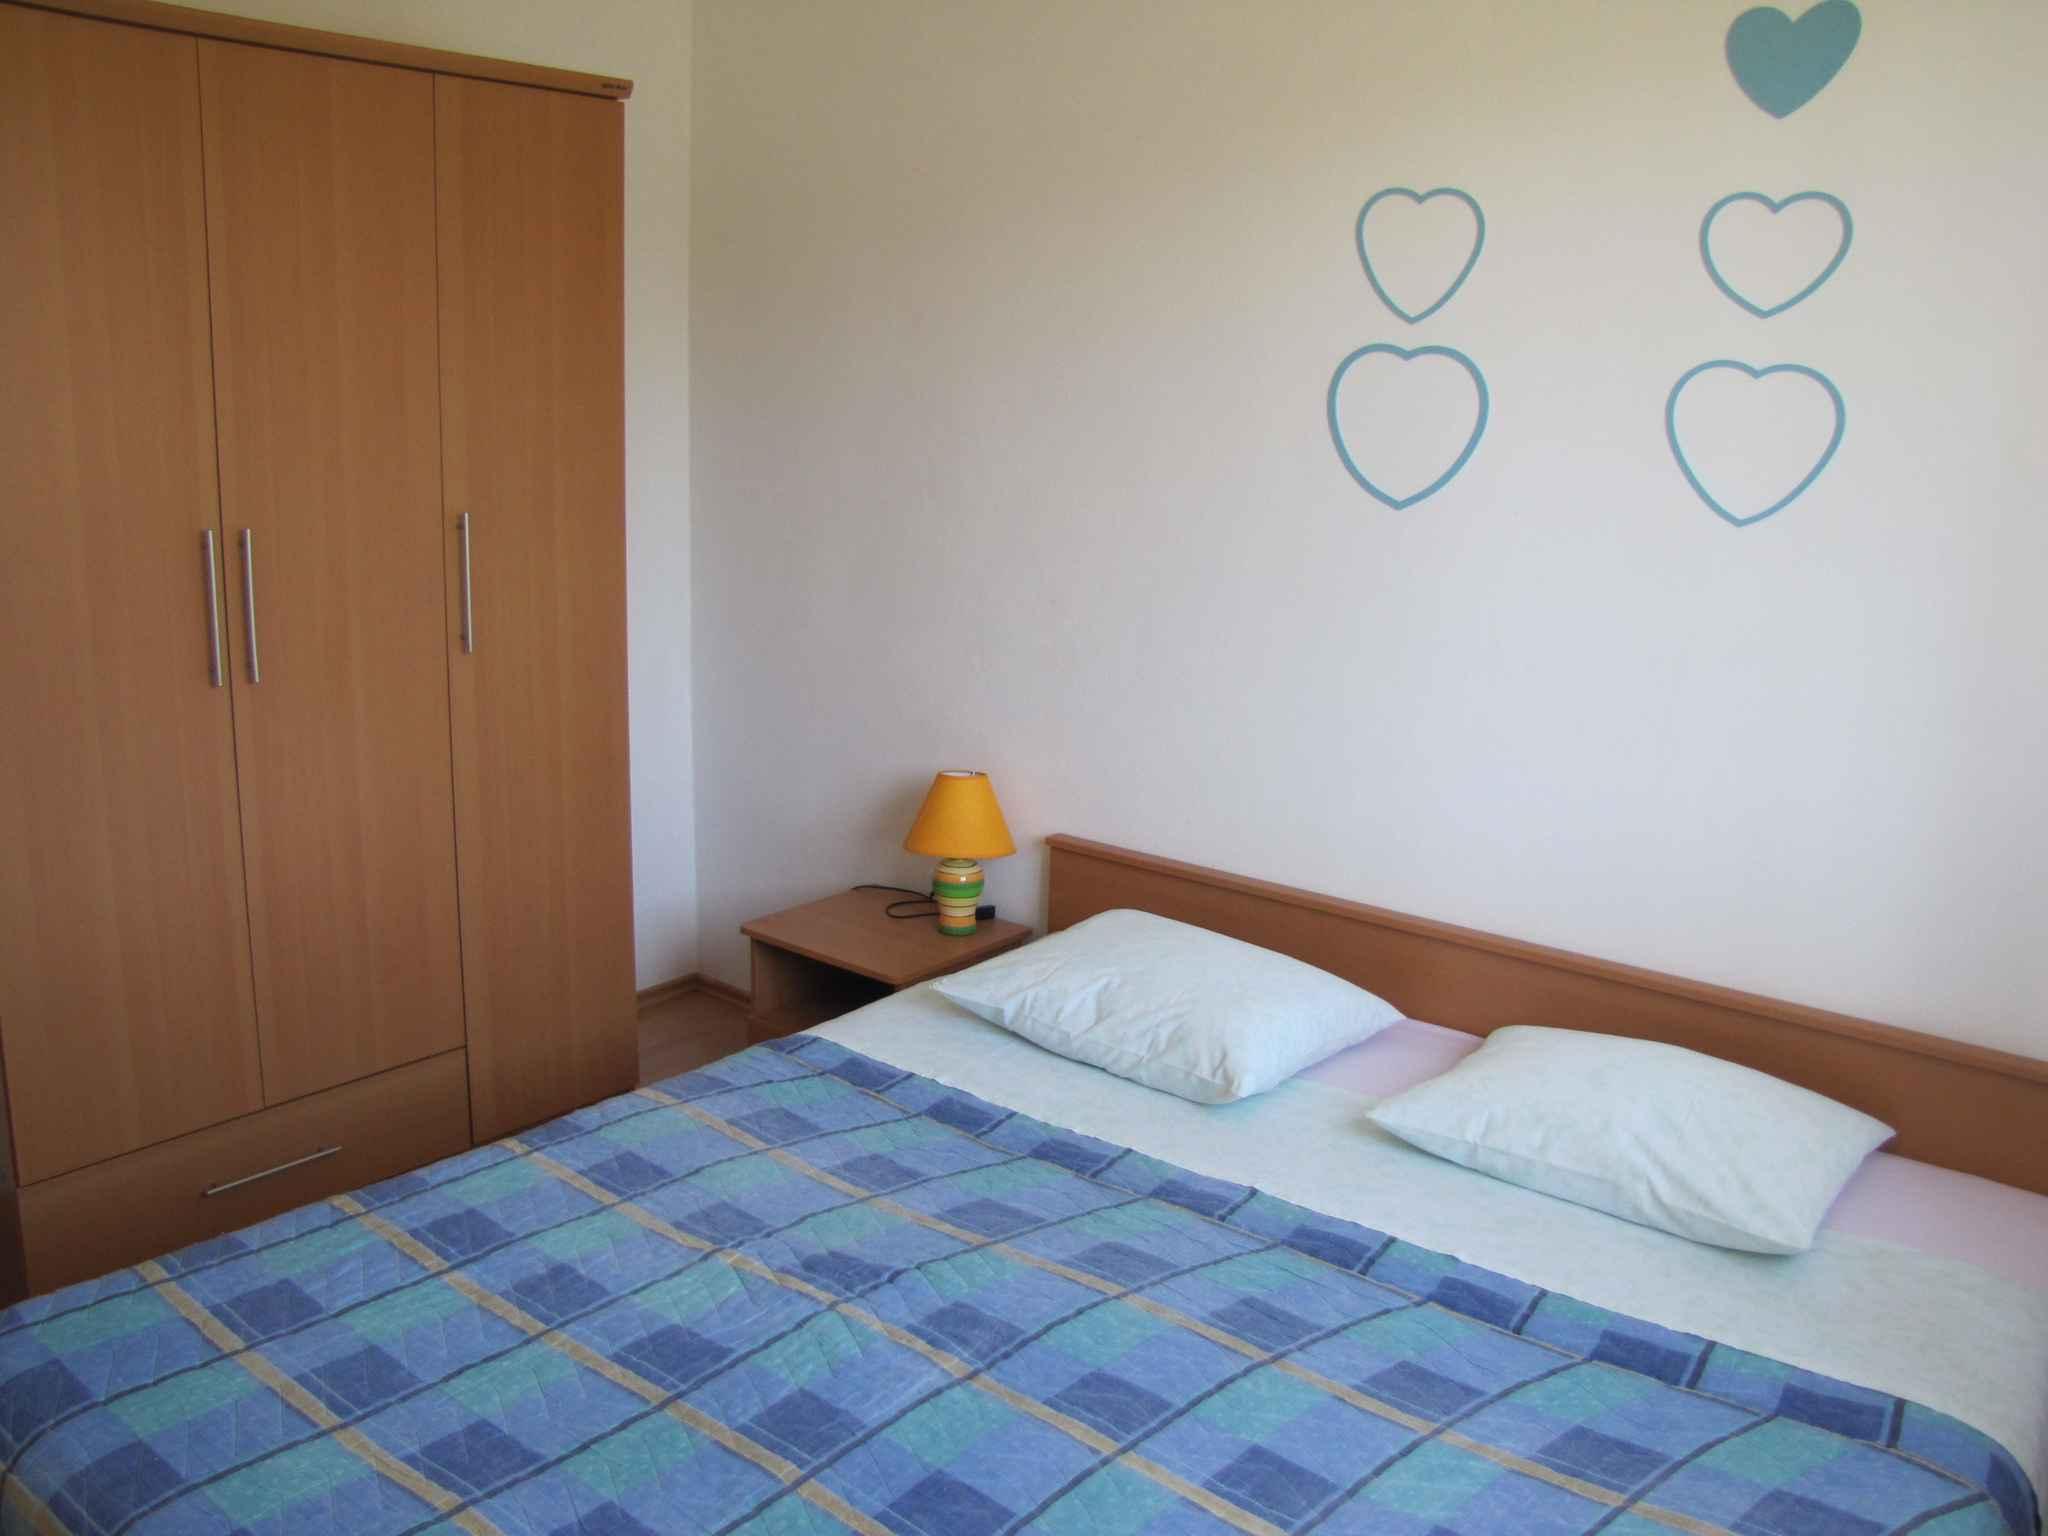 Ferienwohnung mit SAT-TV in ruhiger Lage (280672), Pula, , Istrien, Kroatien, Bild 20